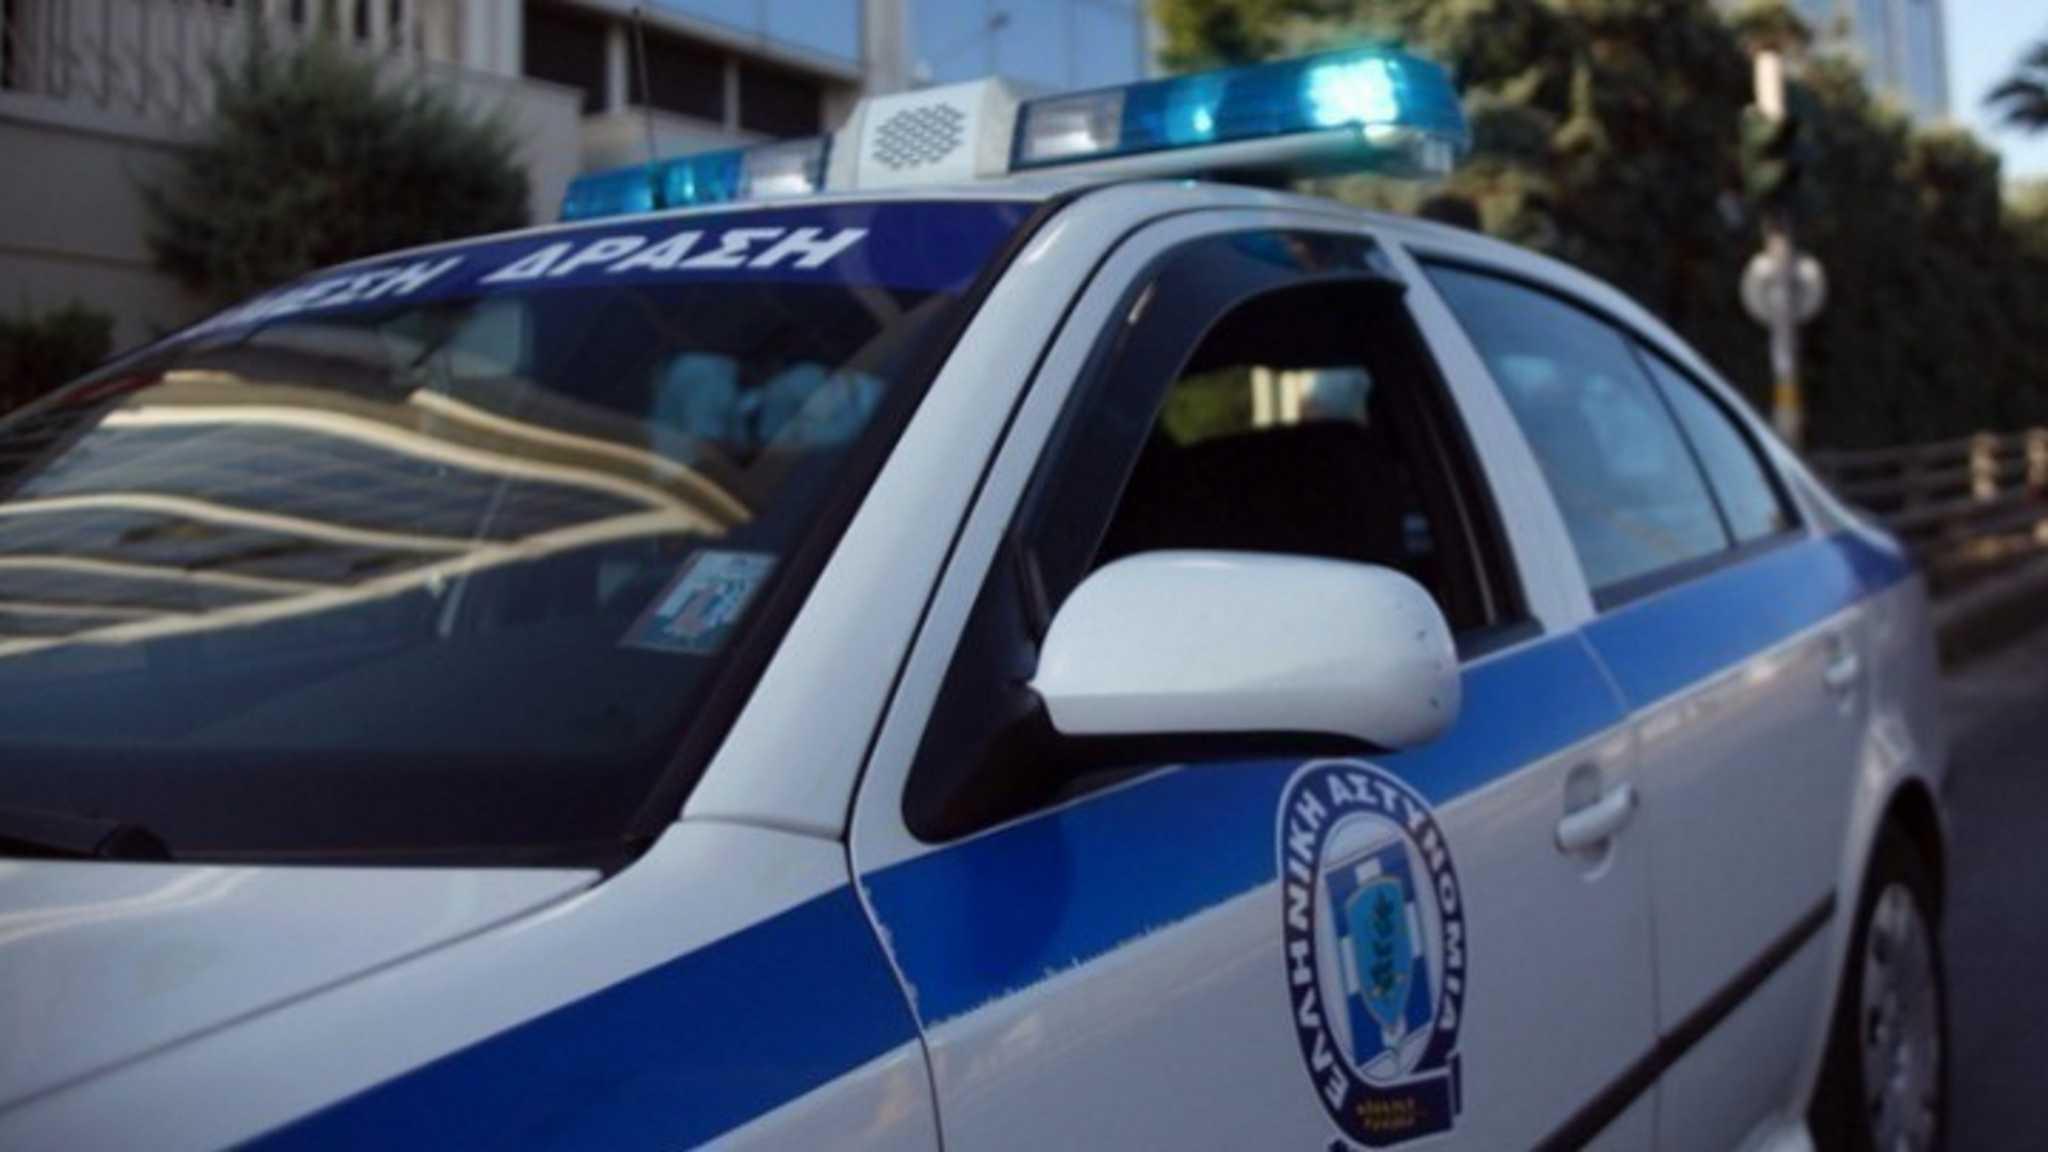 Σταύρος Δογιάκης: Βρέθηκε νεκρός στην Αγία Παρασκευή ο 53χρονος επιχειρηματίας